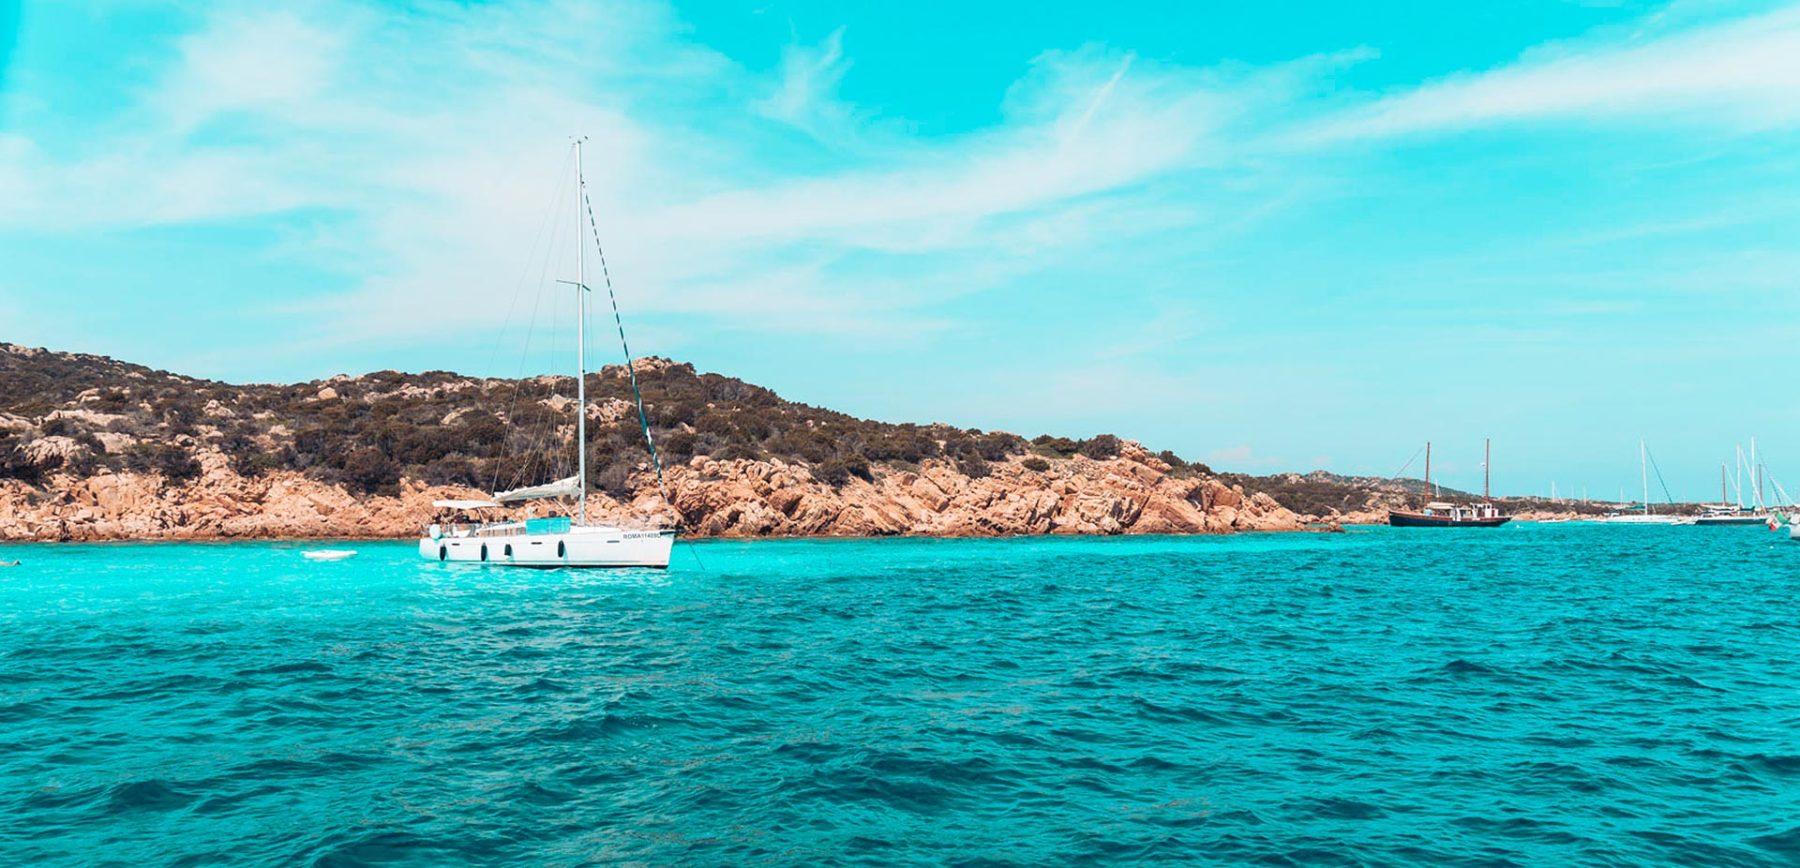 Segelyacht in türkisblauen Wasser | sailwithus